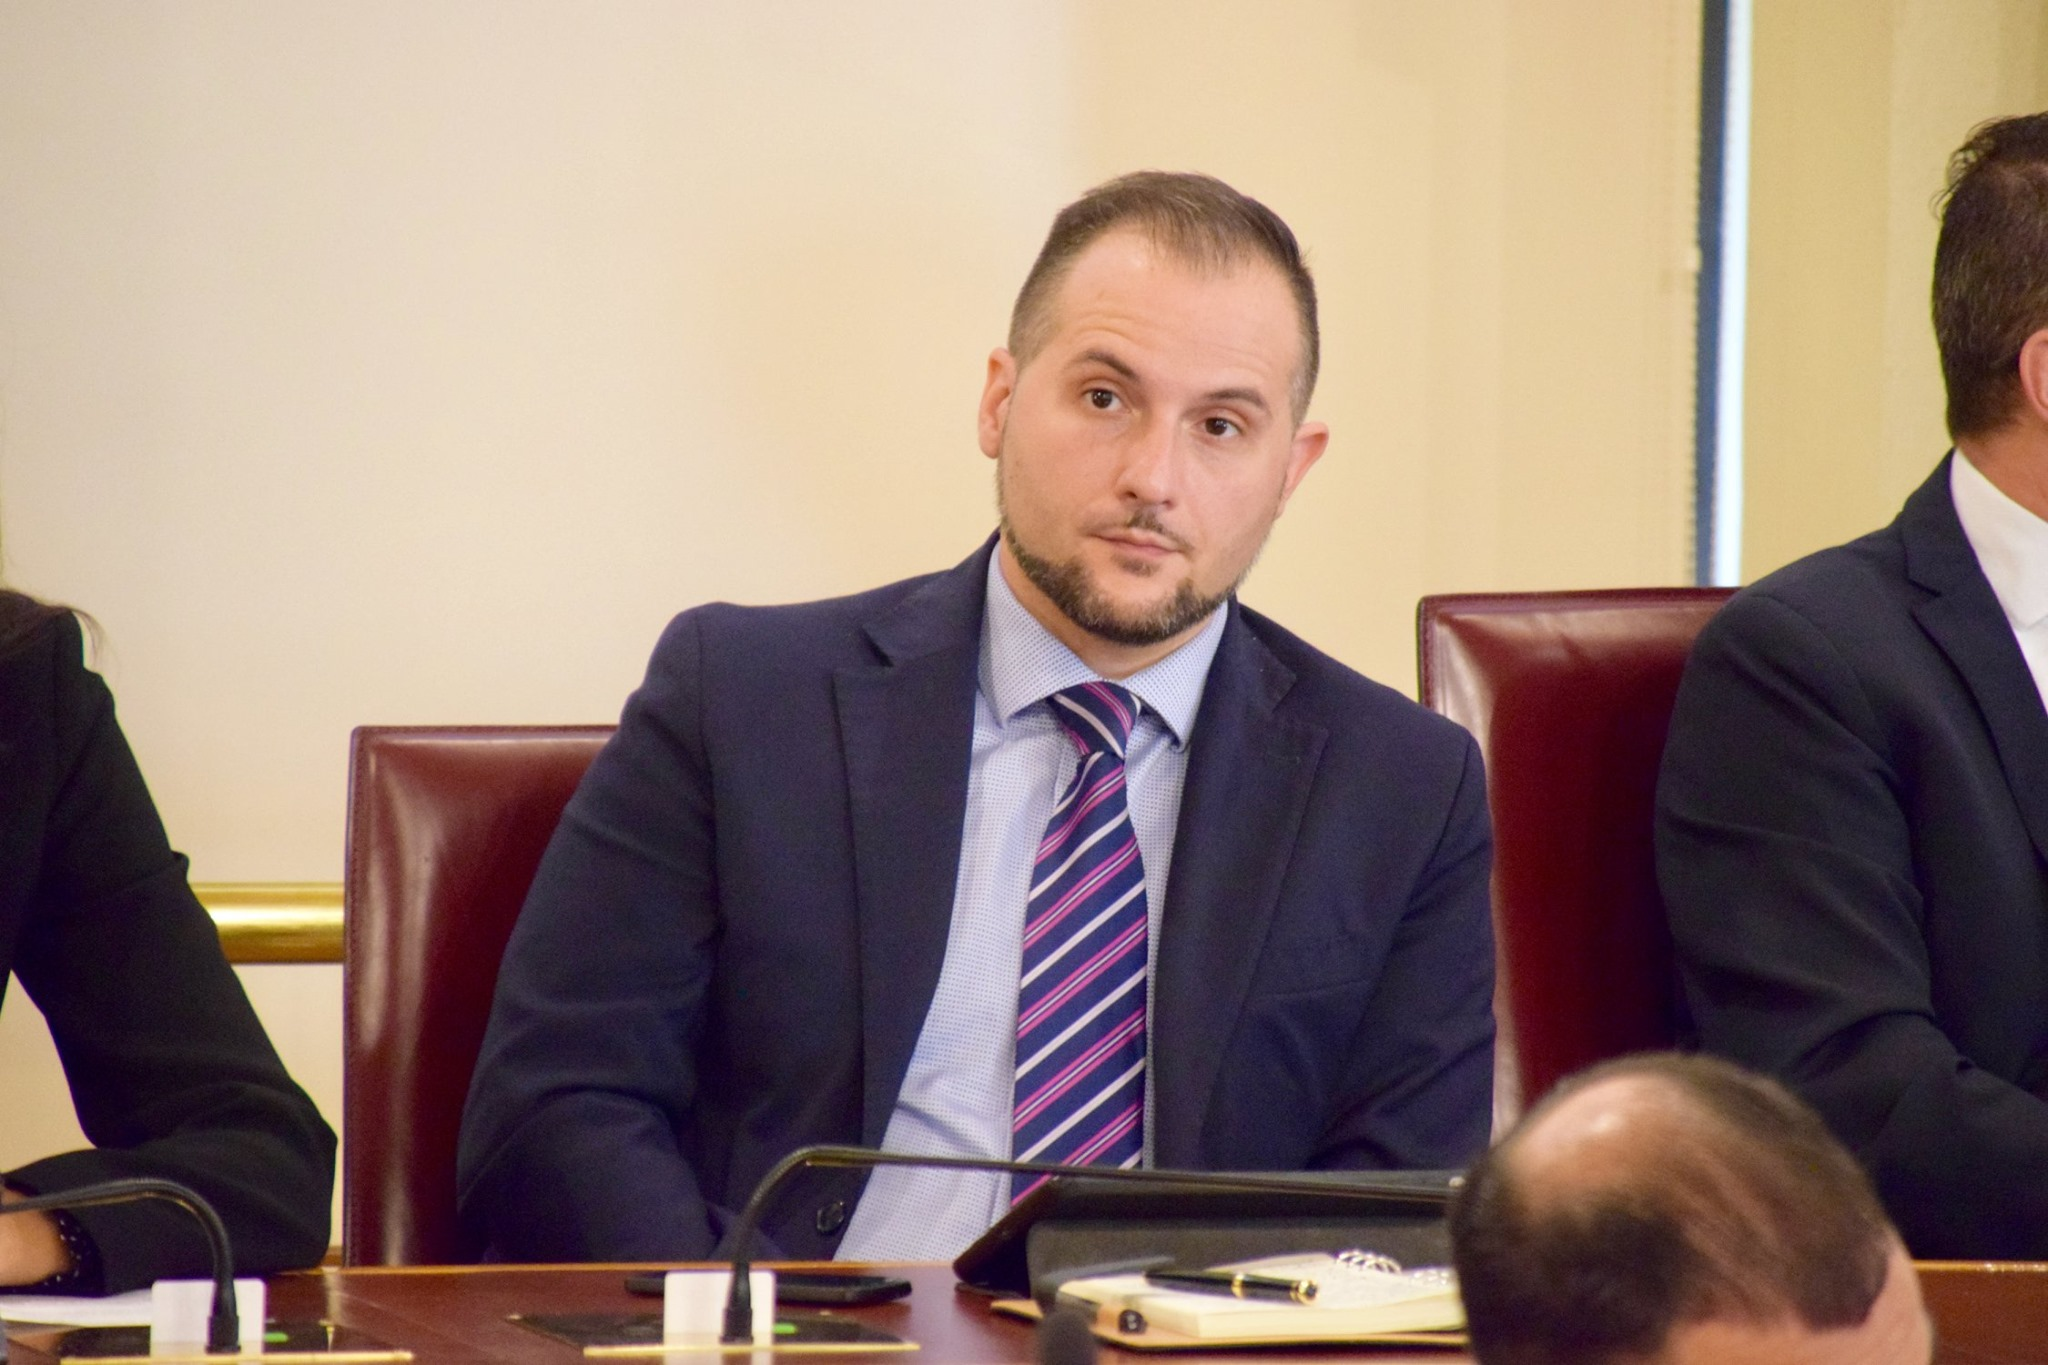 Legge Riordino Tribunali approvata in Consiglio Regionale